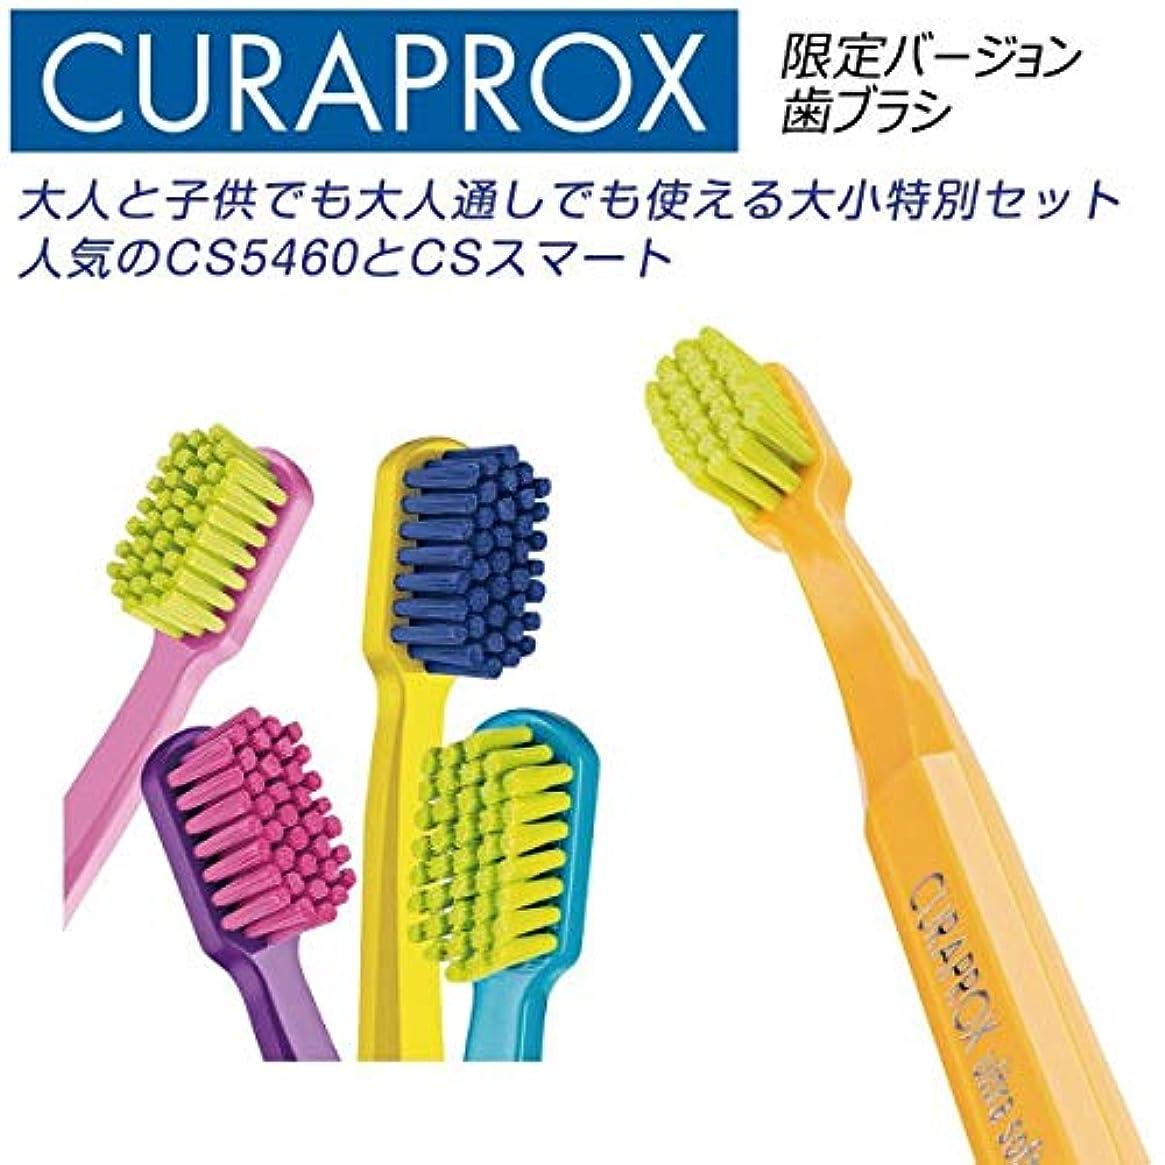 ピニオンポケット開梱クラプロックス 歯ブラシ CS5460 ファミリーエディション黄緑+ピンク